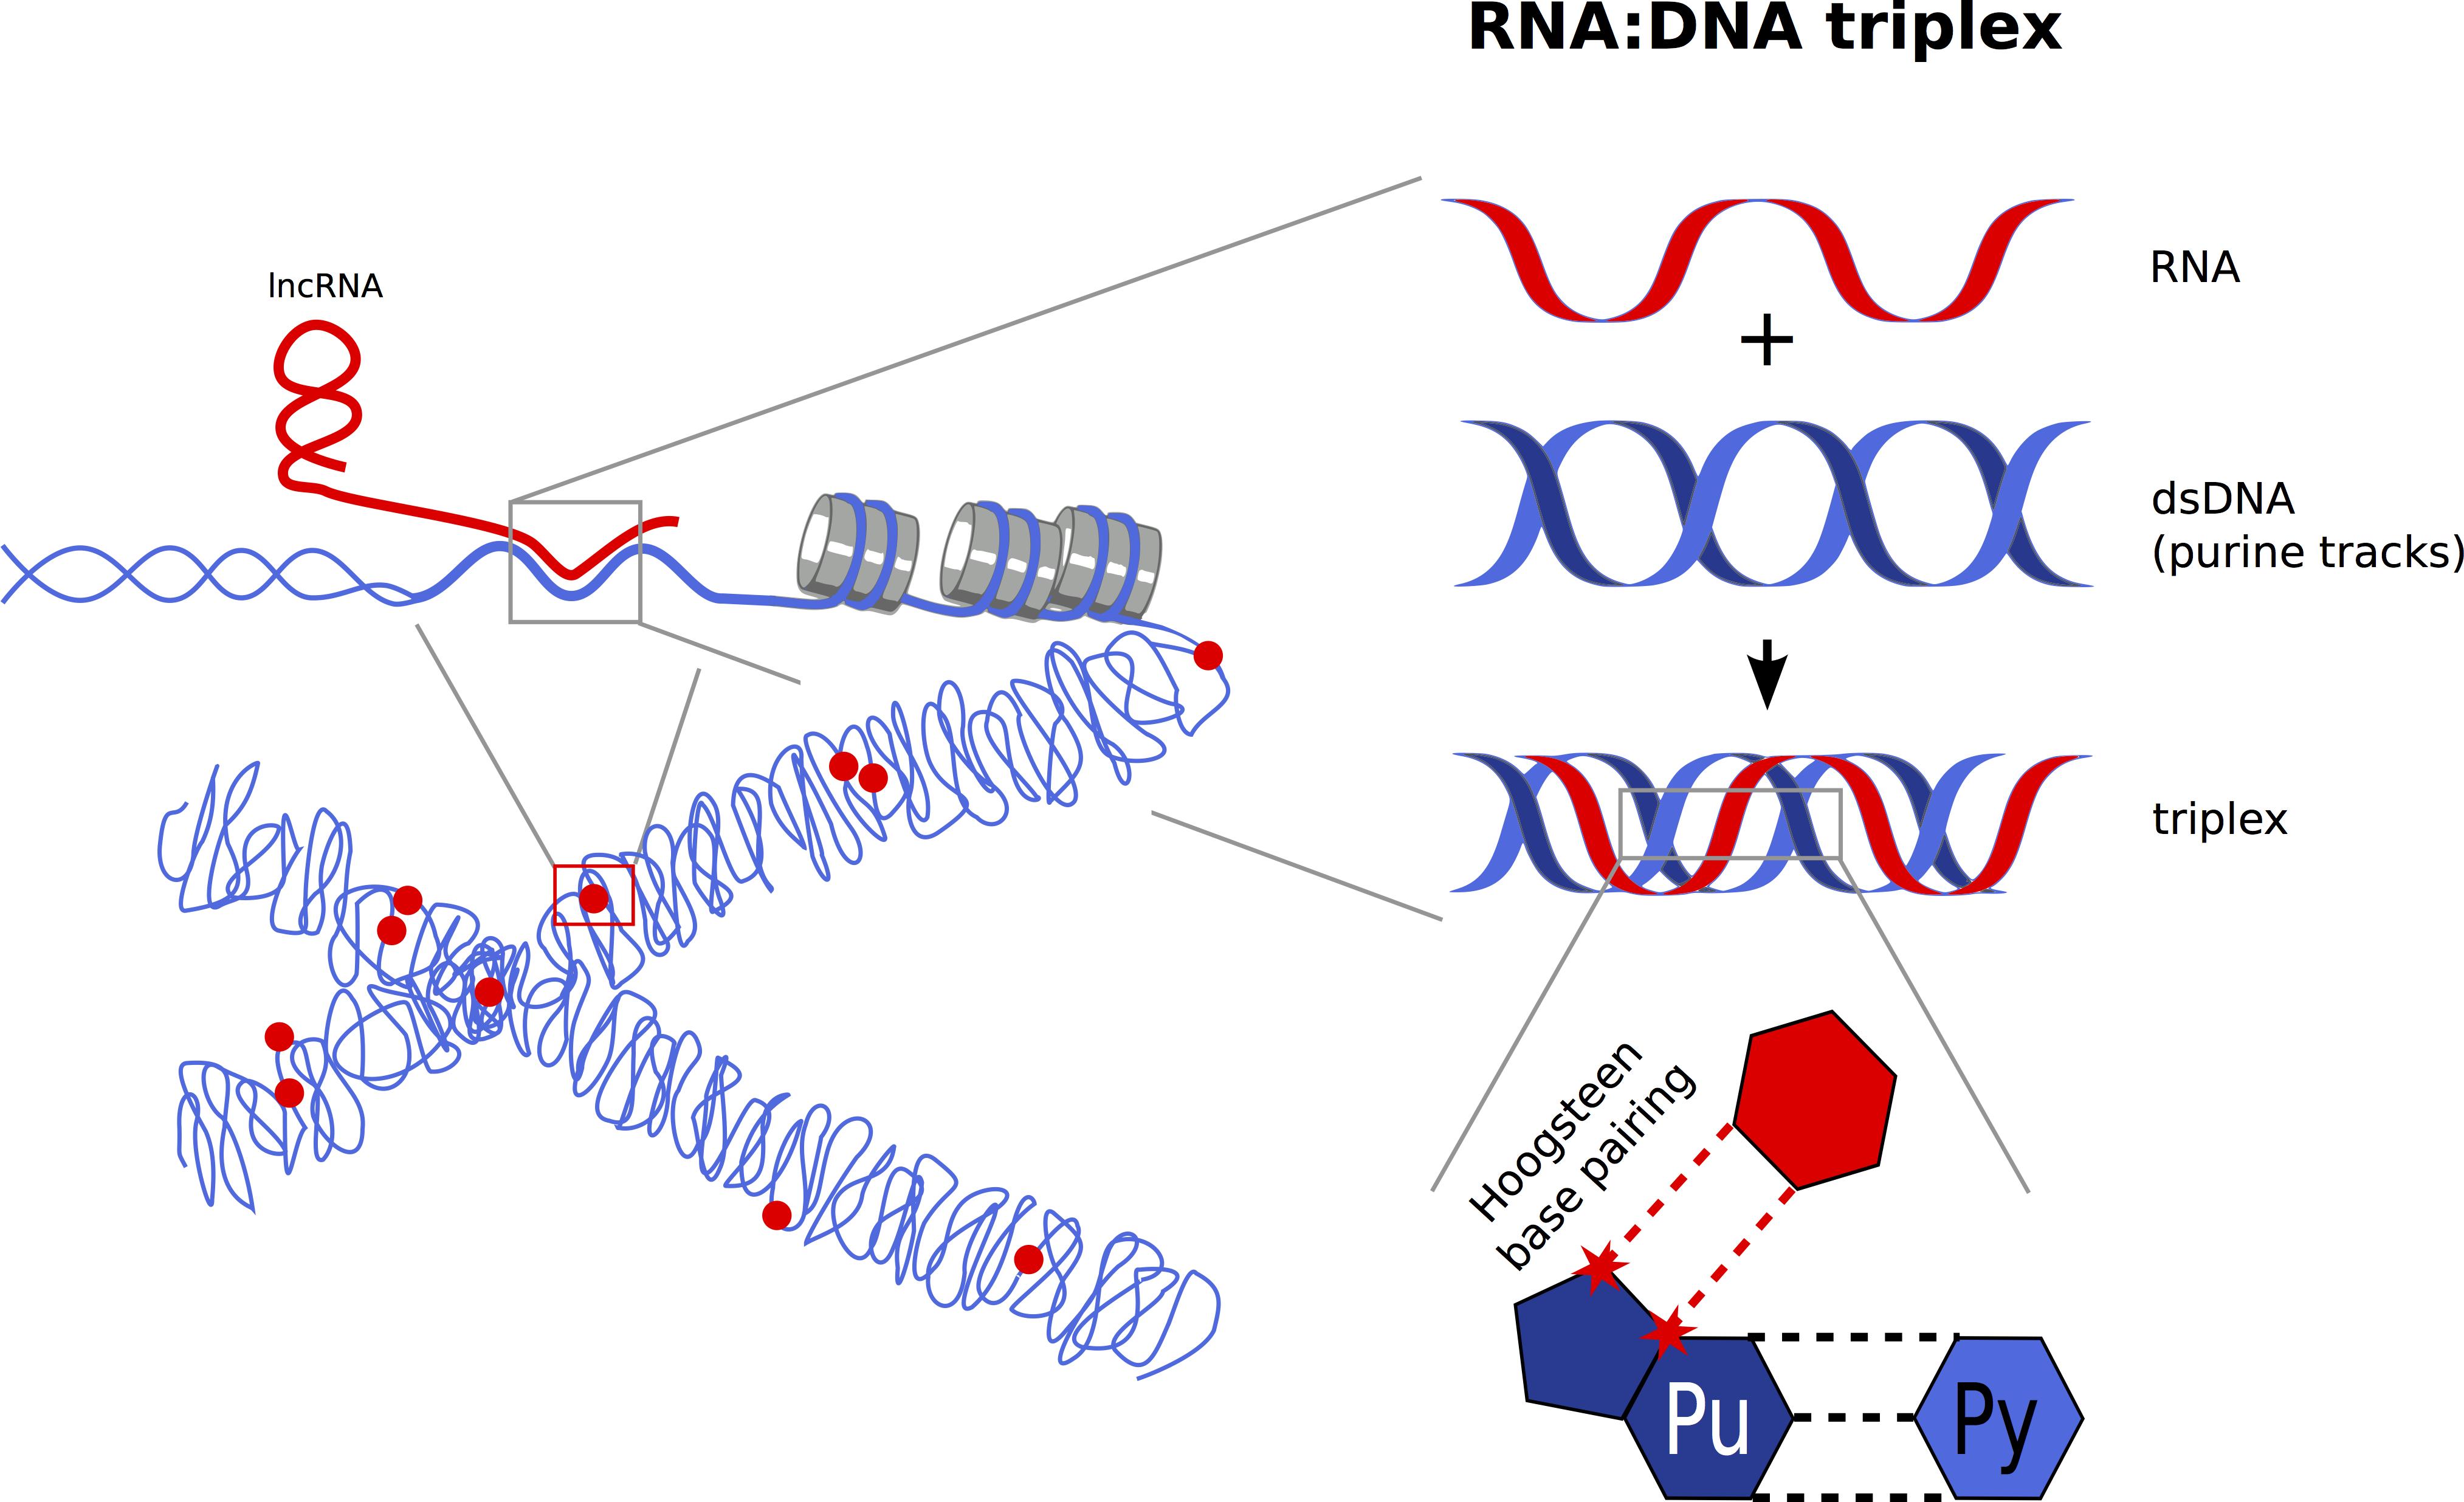 RNA:DNA triplex